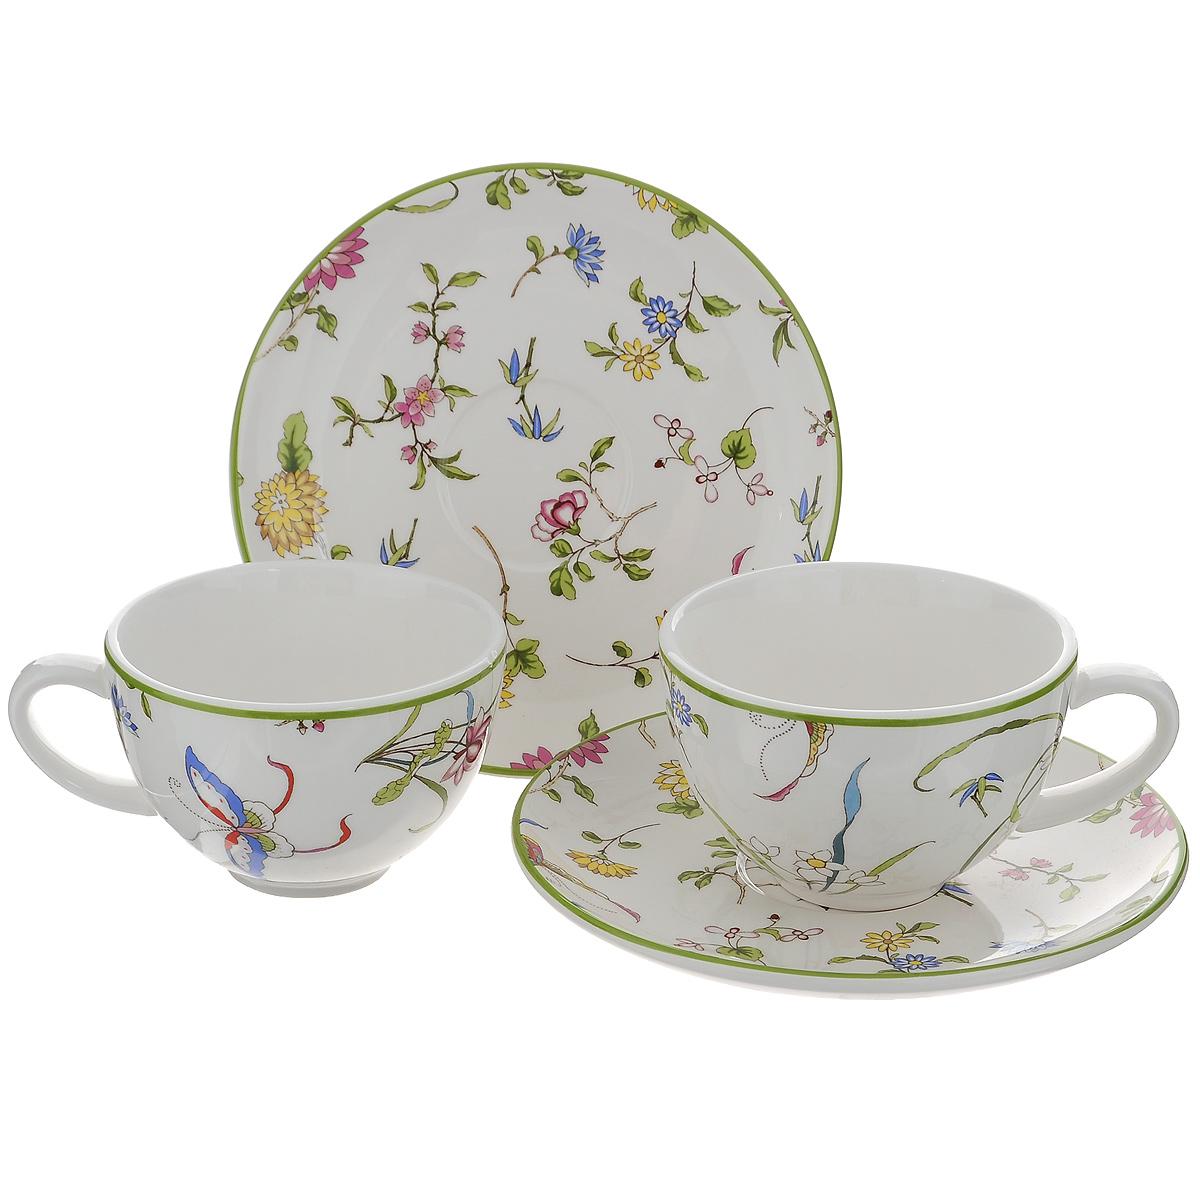 Набор чайный Korall Корсика, 4 предмета798978Чайный набор Korall Корсика состоит из 2 чашек и 2 блюдец. Изделия выполнены из высококачественной керамики белого цвета и украшены изображением цветов. Изящный чайный набор прекрасно оформит стол к чаепитию и станет замечательным подарком для любой хозяйки. Объем чашки: 200 мл. Диаметр чашки (по верхнему краю): 9,5 см. Высота чашки: 6,5 см. Диаметр блюдца: 16 см.